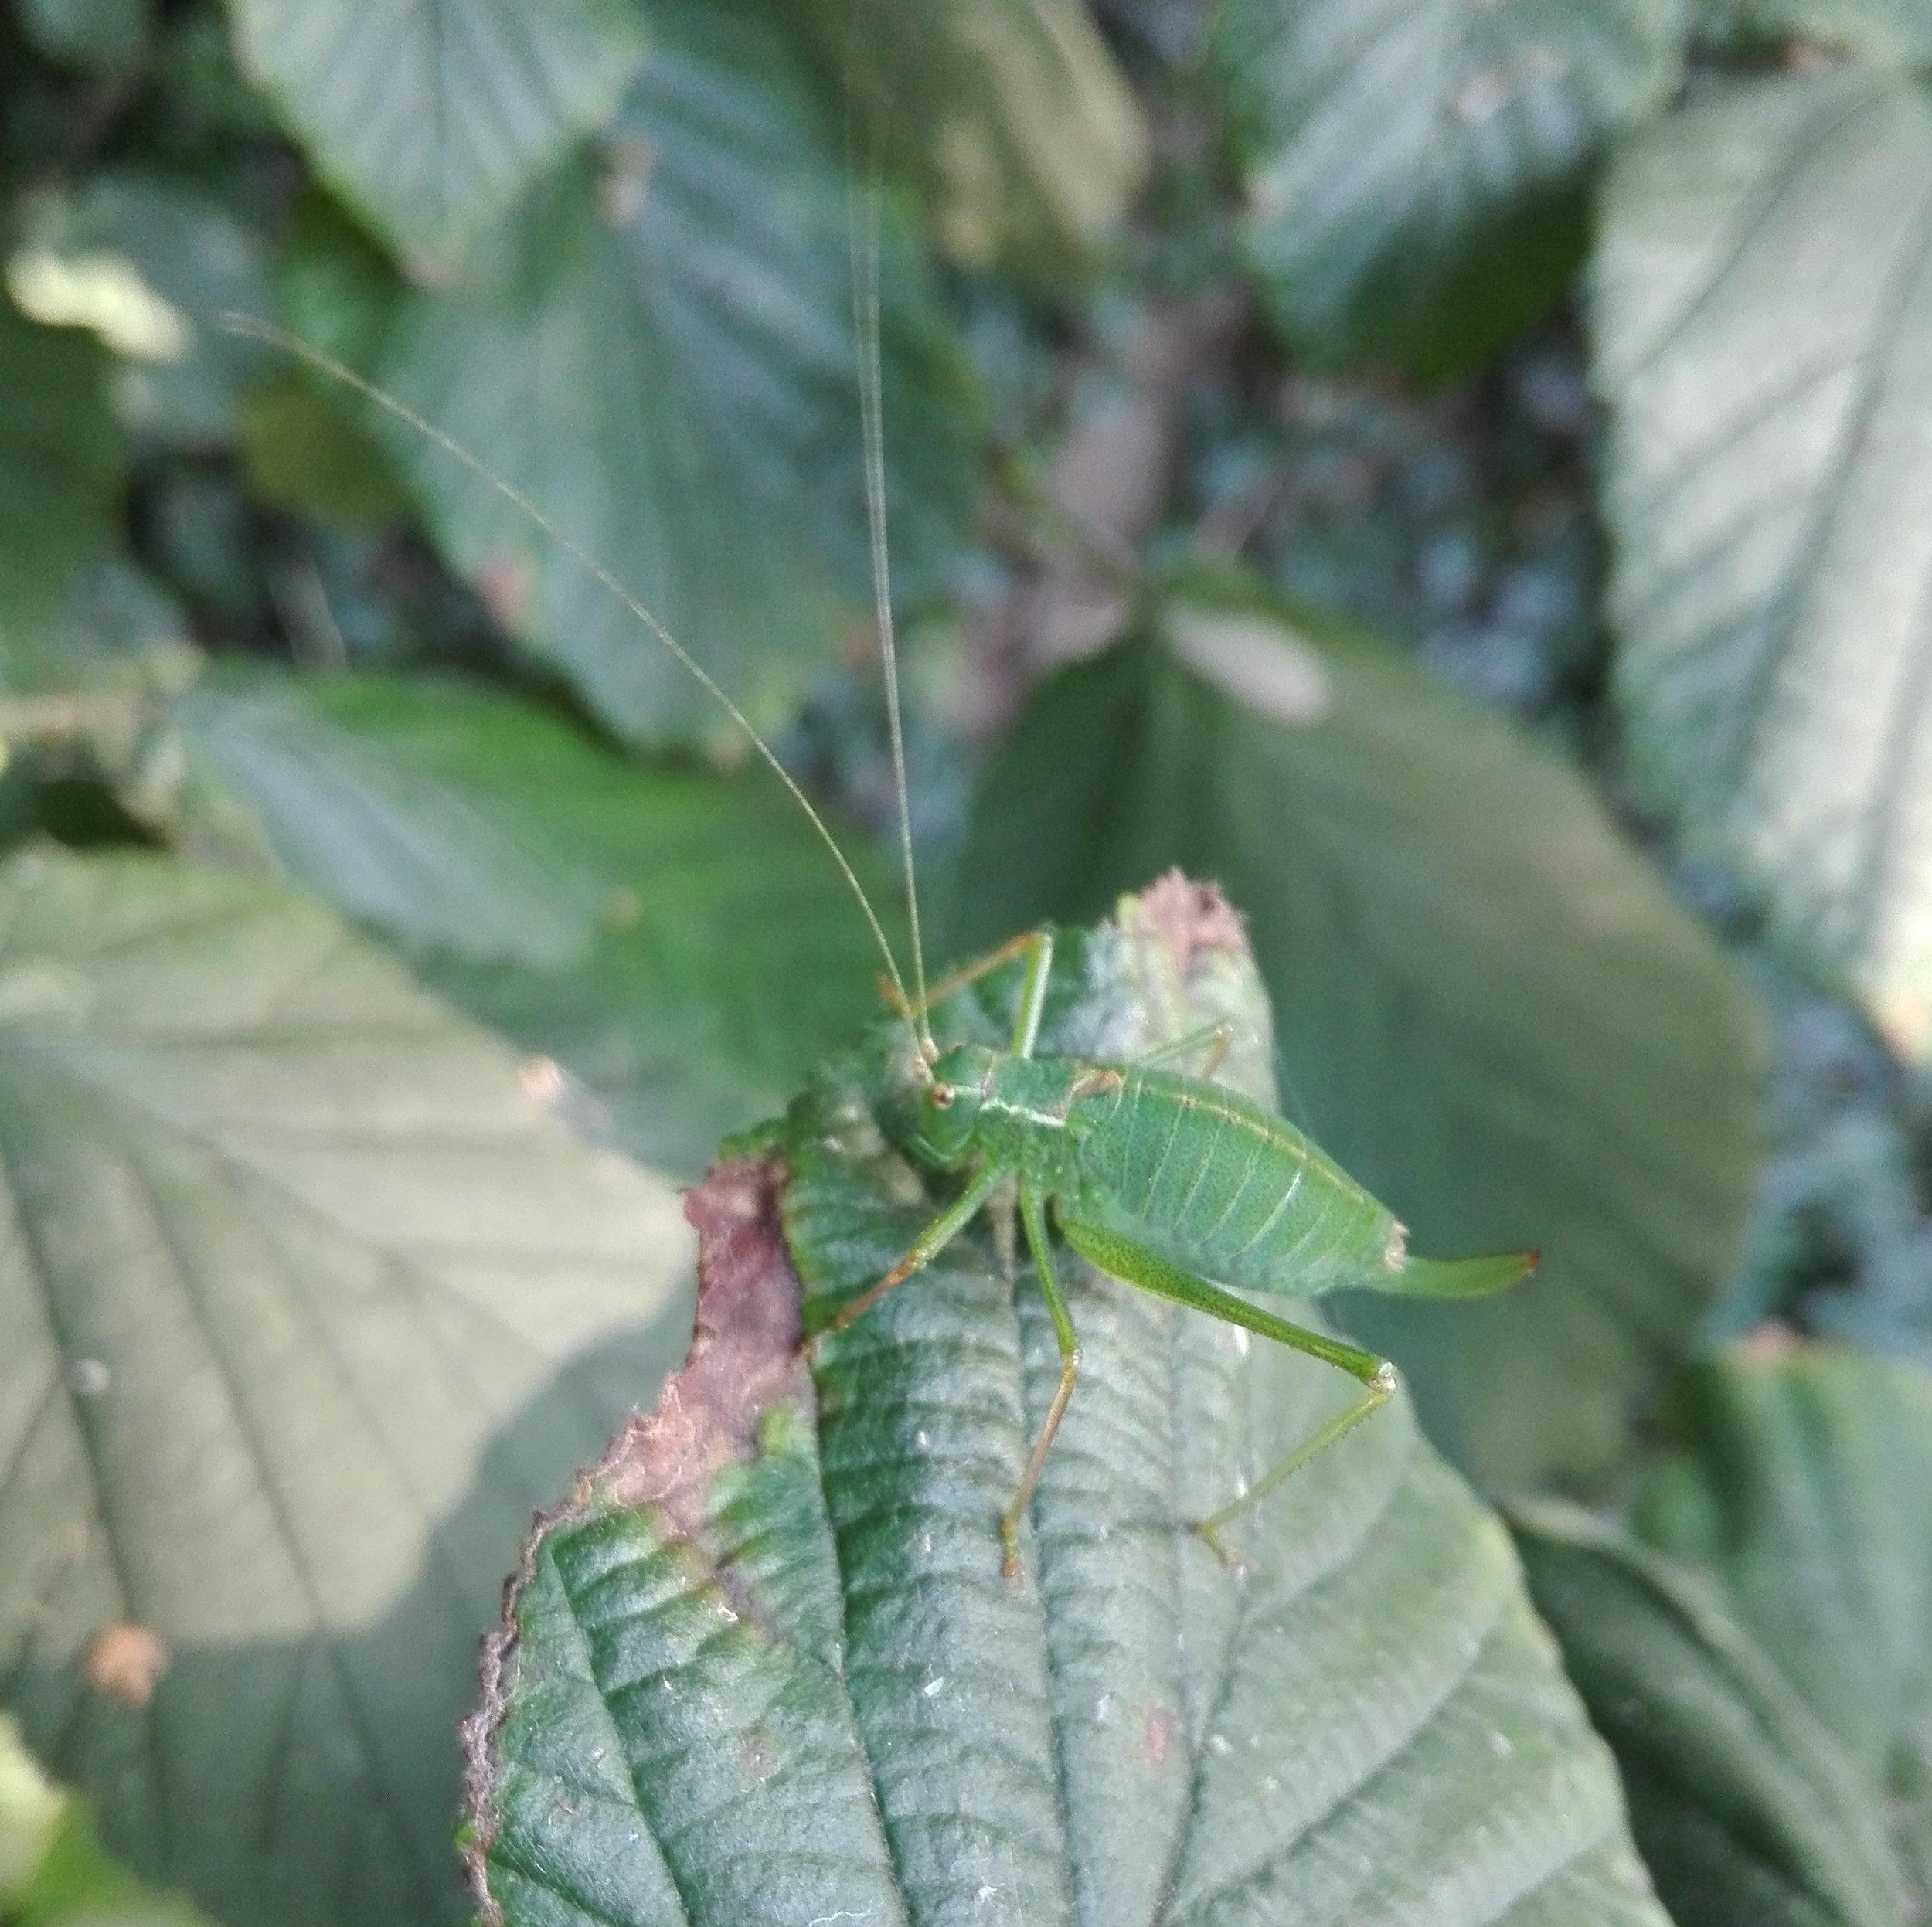 #198 Speckled Bush Cricket (Leptophyes punctatissima)